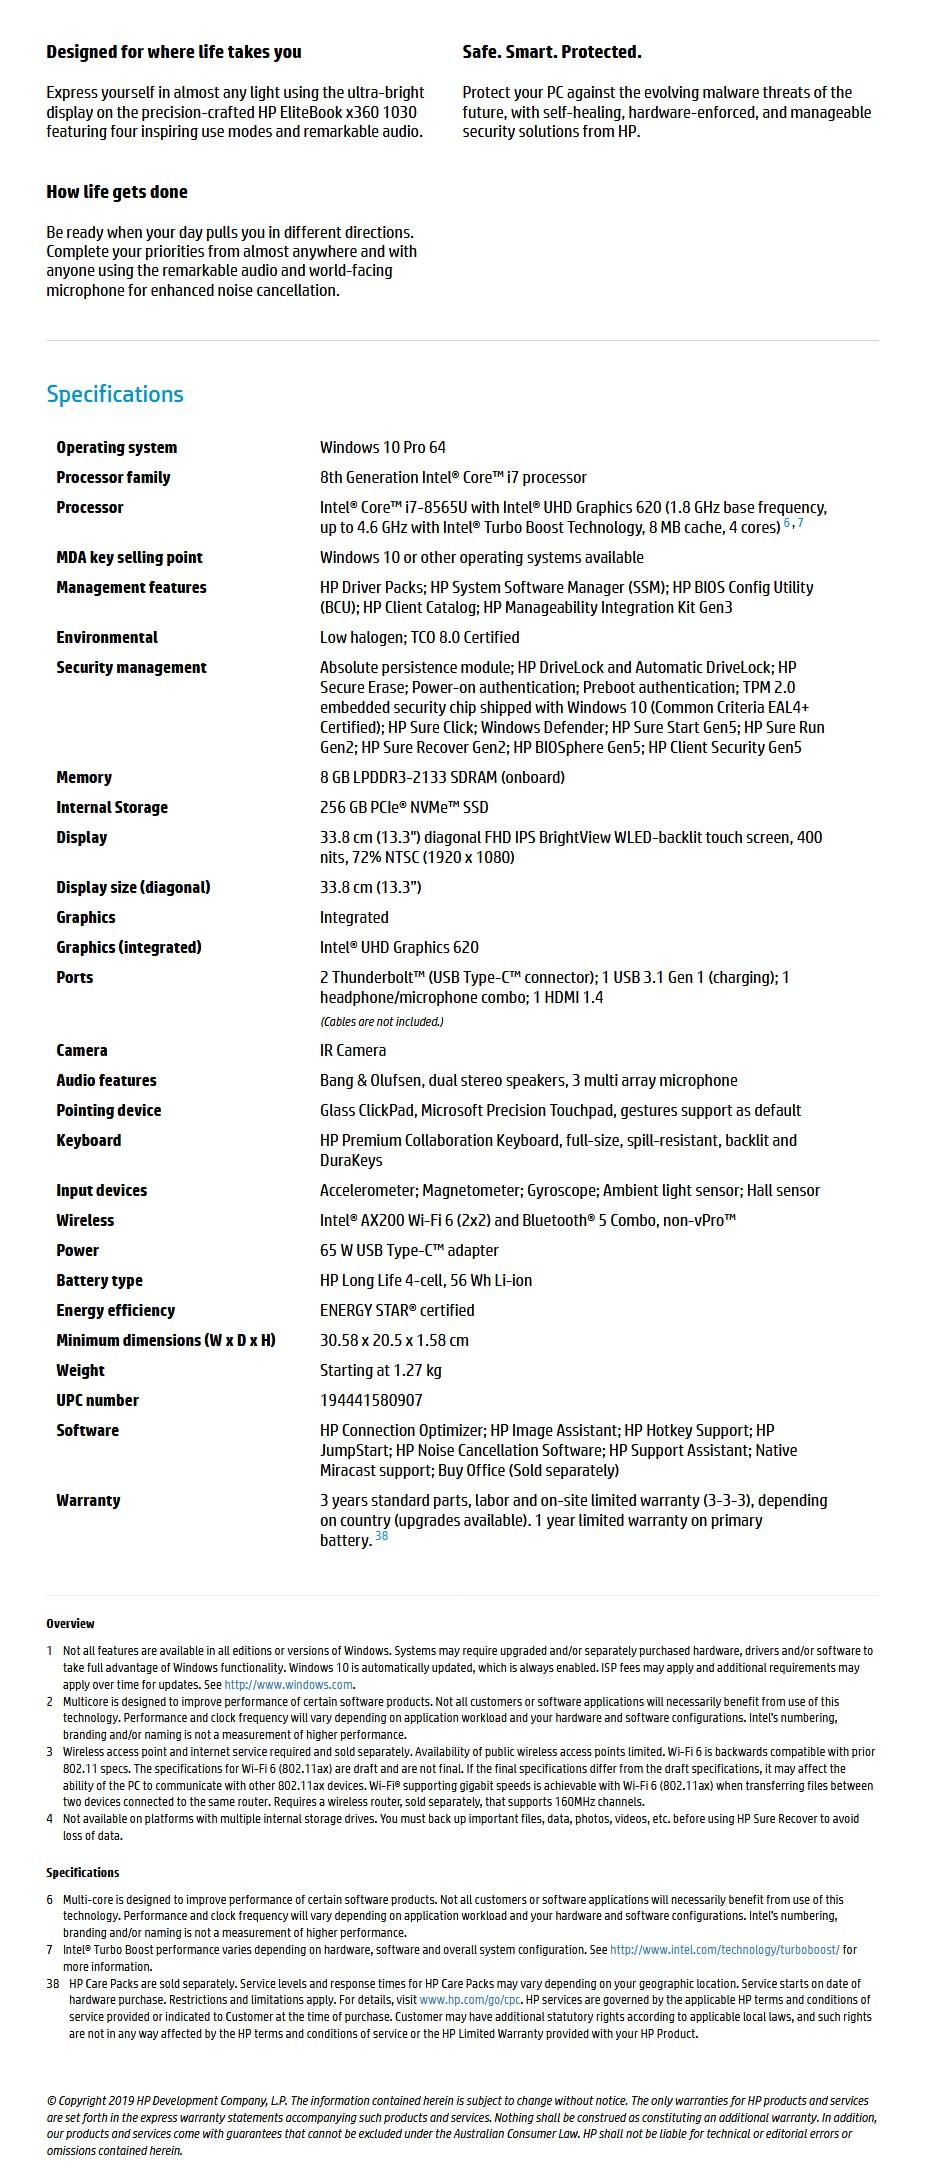 hp-elitebook-x360-1030-g4-af133-laptop-i78565u-8gb-256gb-w10p-touch-ac35574-9.jpg